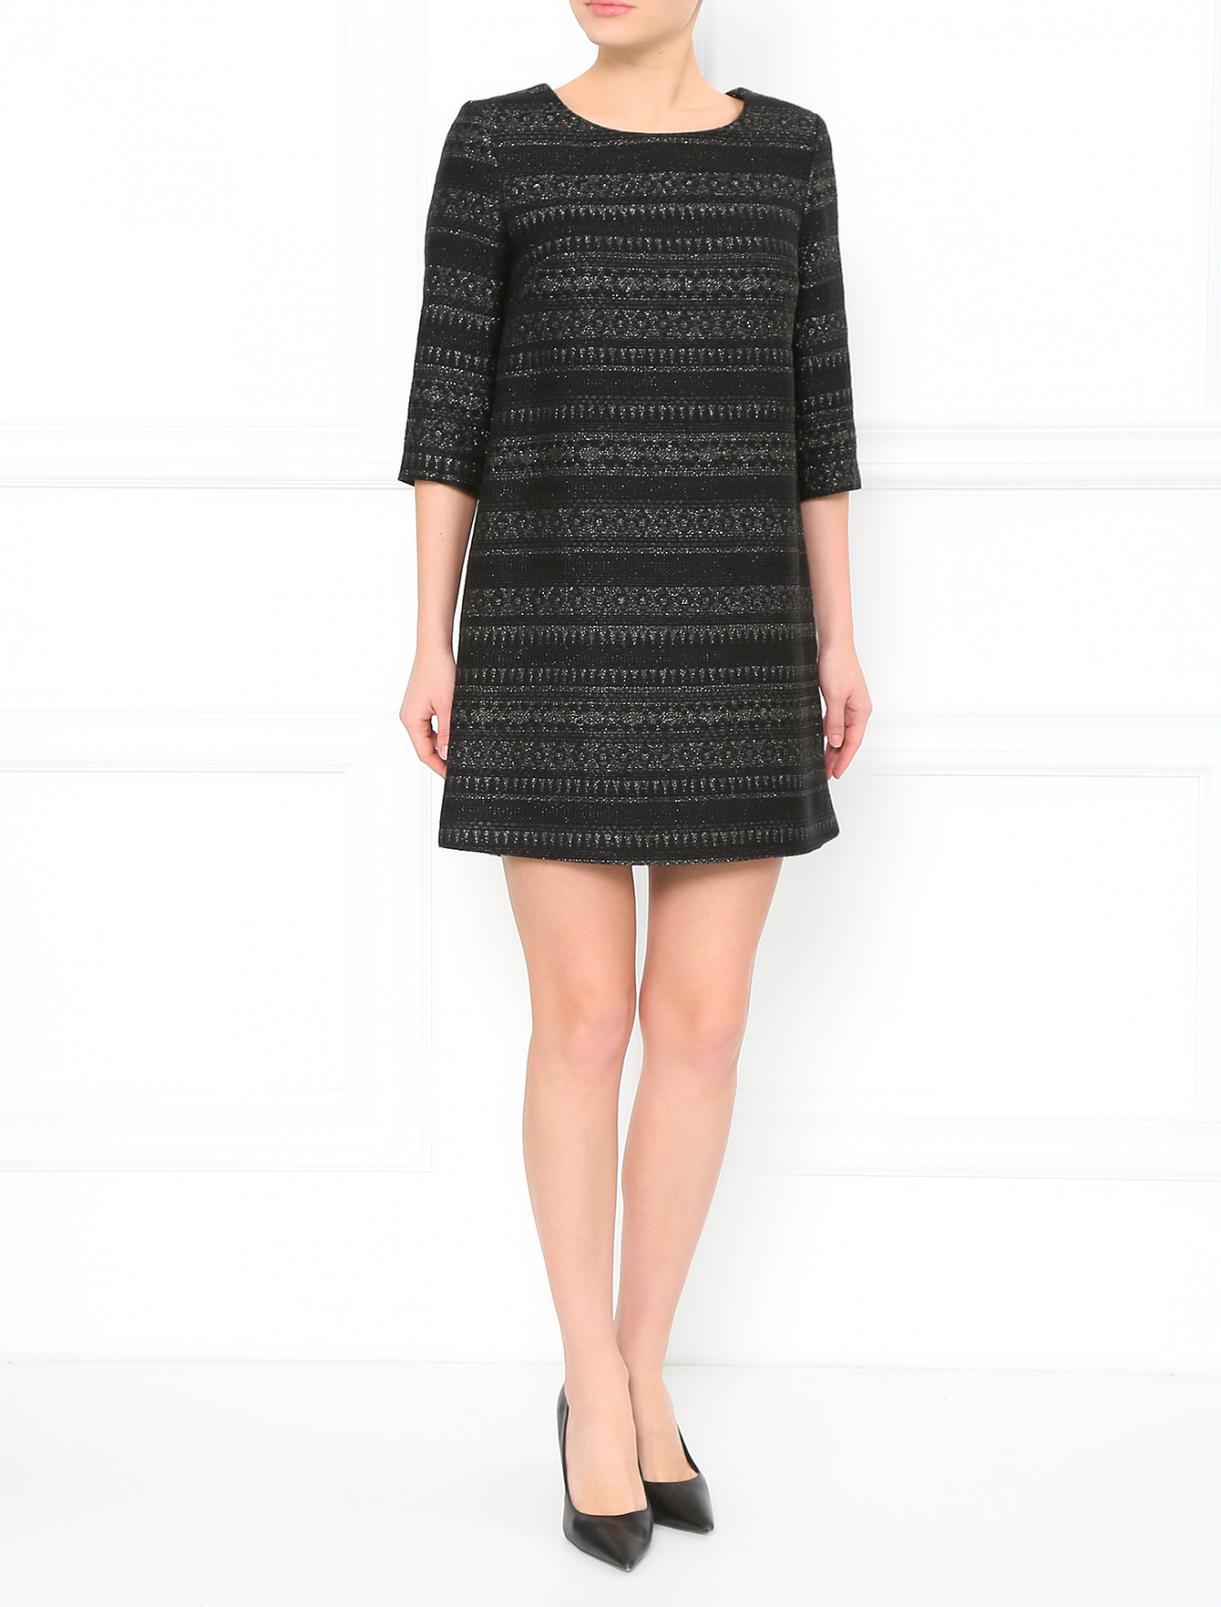 Мини-платье прямого фасона с рукавами 3/4 Vanda Catucci  –  Модель Общий вид